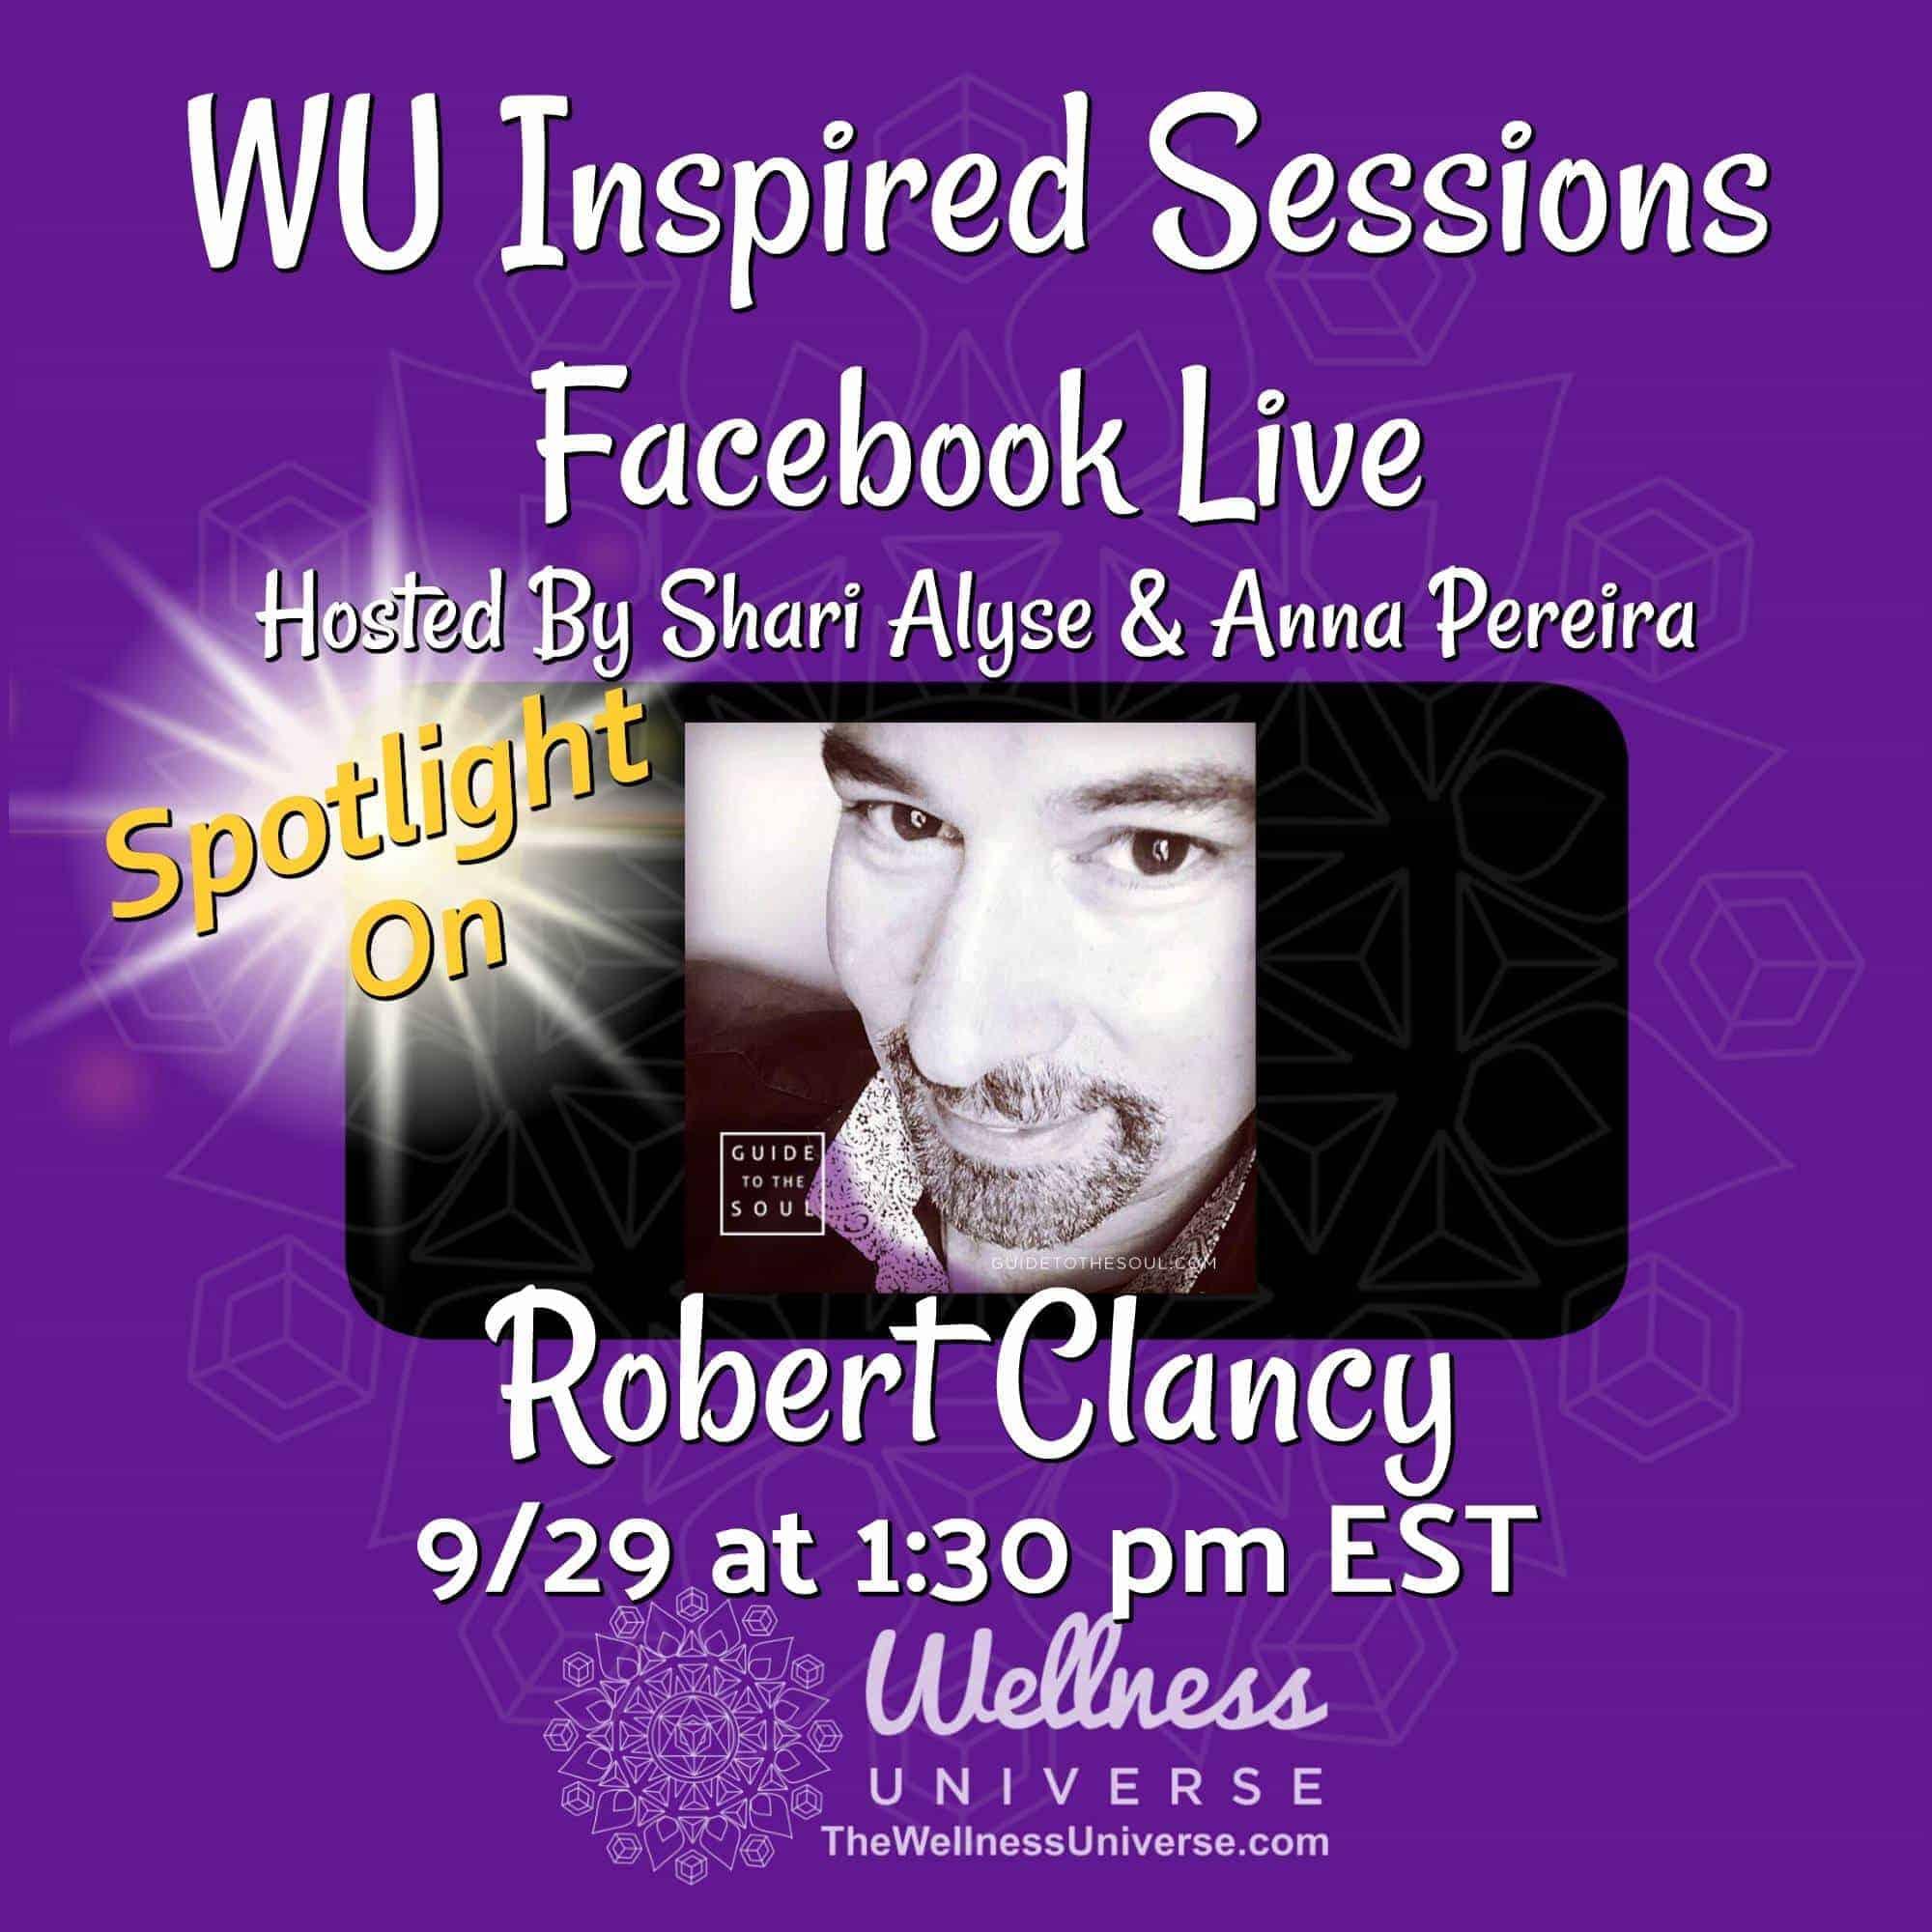 Meet International Speaker, Best selling Author and entrepreneur @robertclancy on this week's WU I